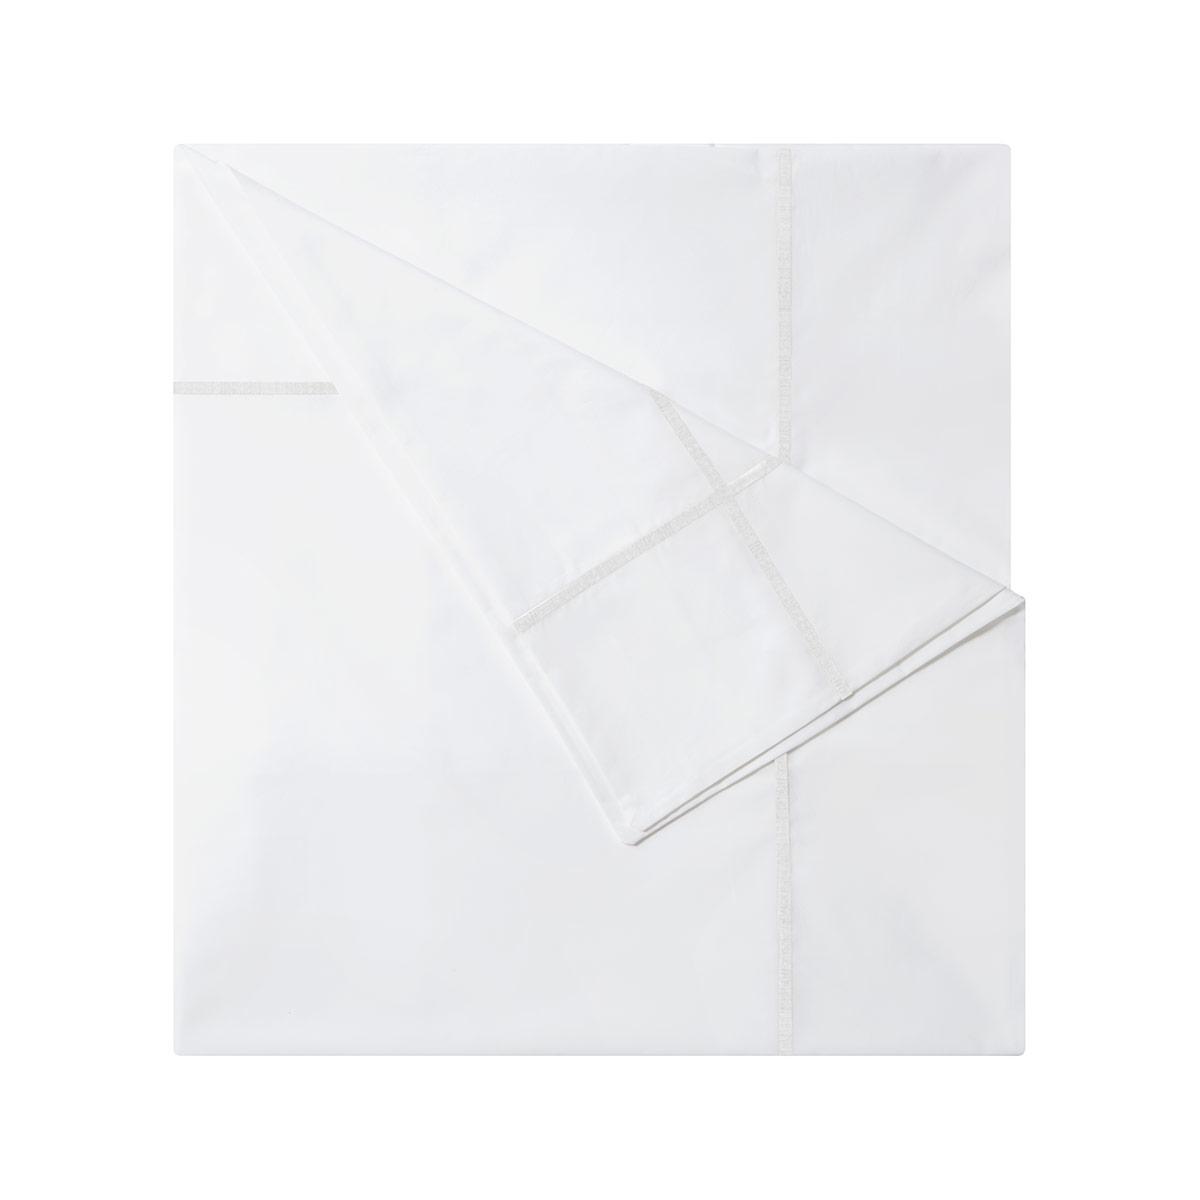 Yves Delorme Athena Duvet Cover White On White 200 X 200